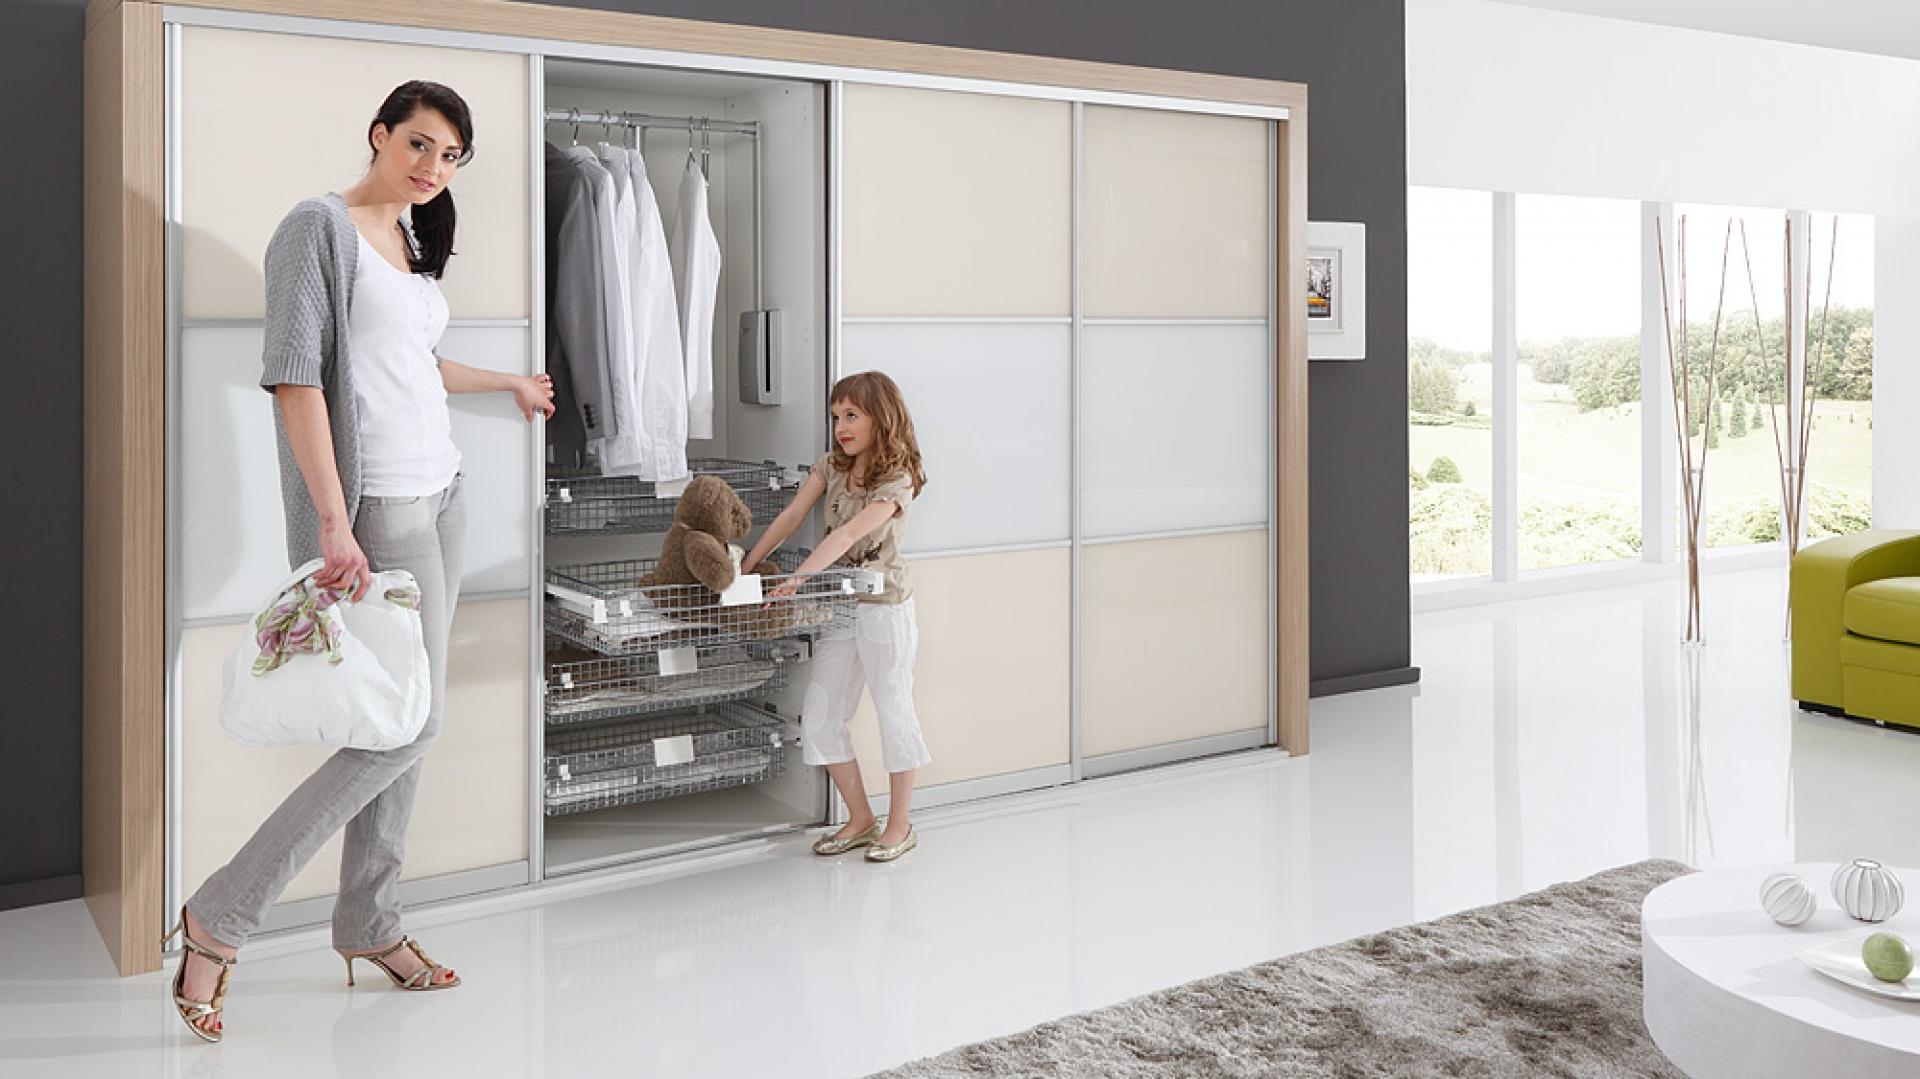 Firma Rejs posiada w swojej ofercie m.in. niezwykle funkcjonalne wysuwane szuflady do nowoczesnej szafy czy garderoby, dzięki którym uzyskamy łatwy dostęp do przechowywanych rzeczy. Fot. Rejs.